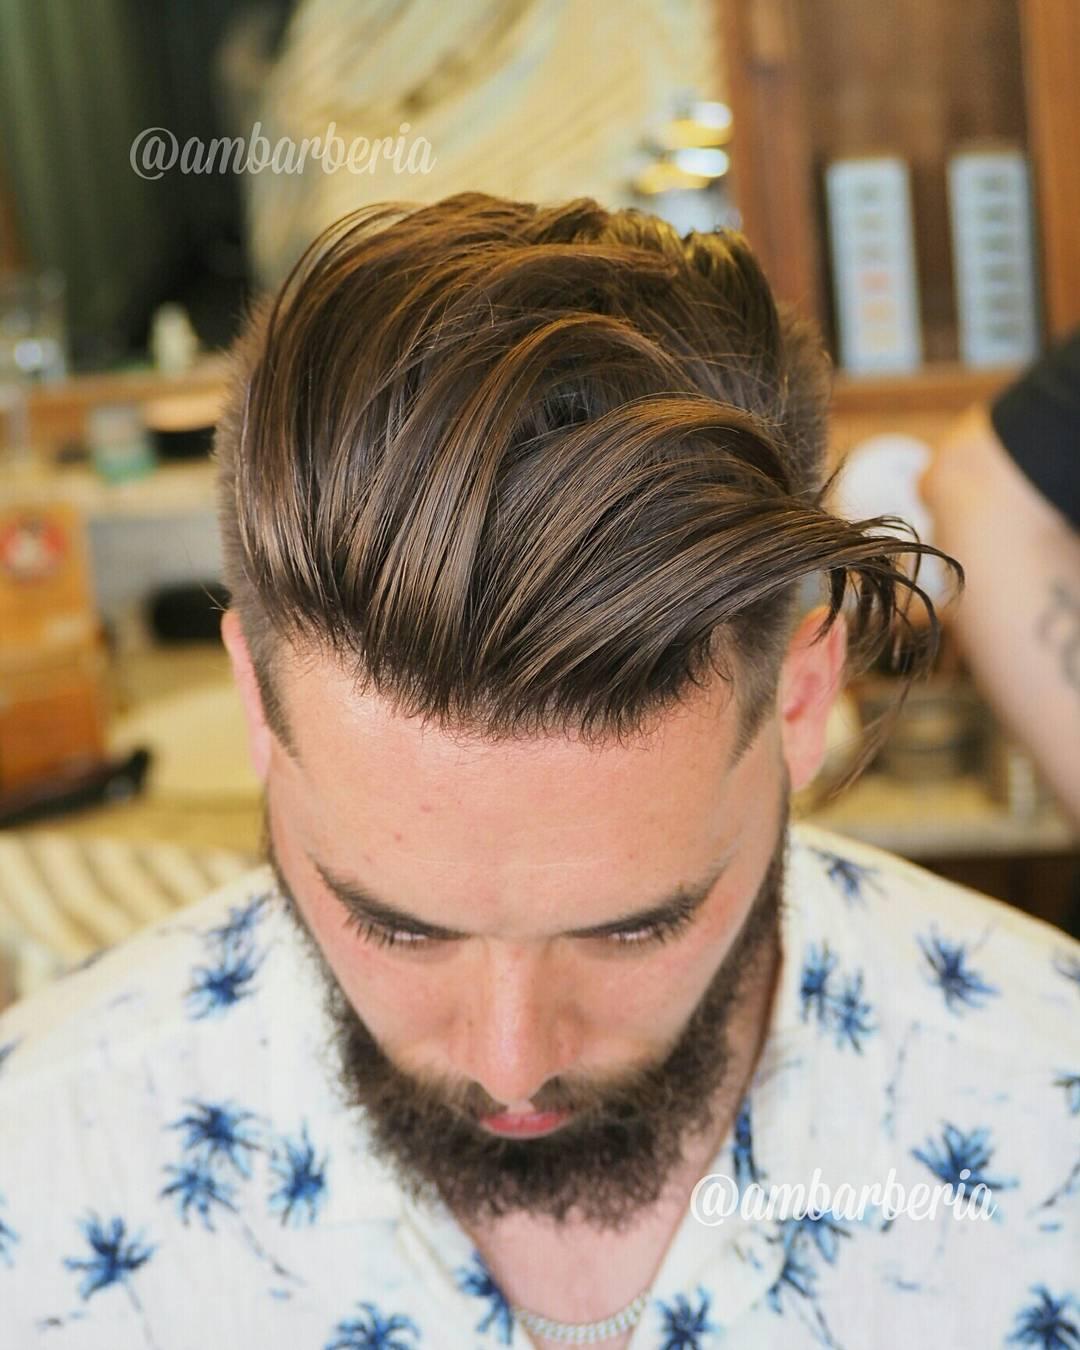 100 coupes de cheveux les plus populaires pour les hommes pour 2020 5f3f75fa5a76c - 100+ coupes de cheveux les plus populaires pour les hommes pour 2020